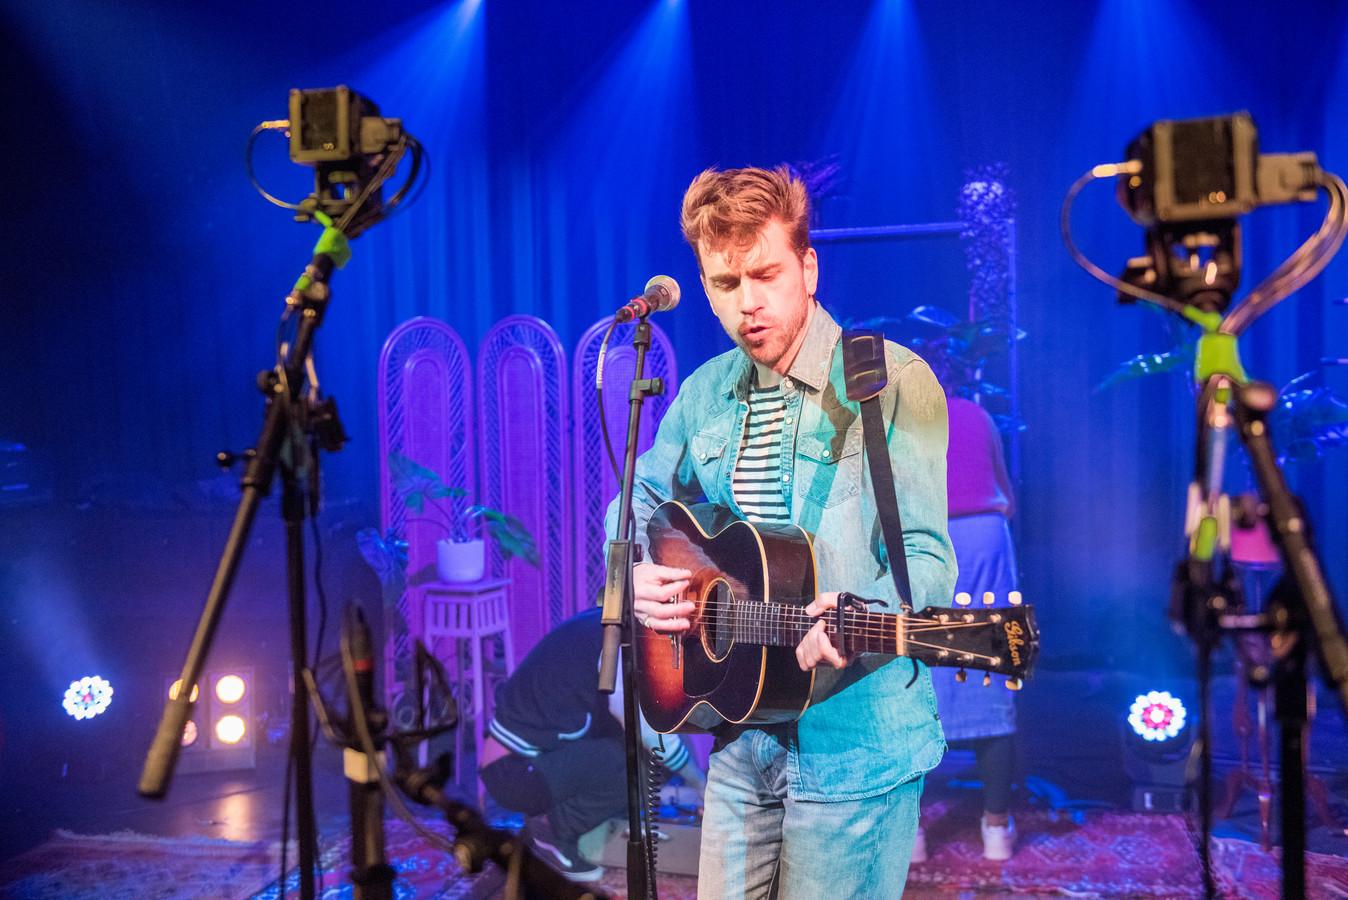 De Eindhovense zanger, muzikant en songschrijver Woody Veneman tijdens een van The Isolation Sessions in de Effenaar.